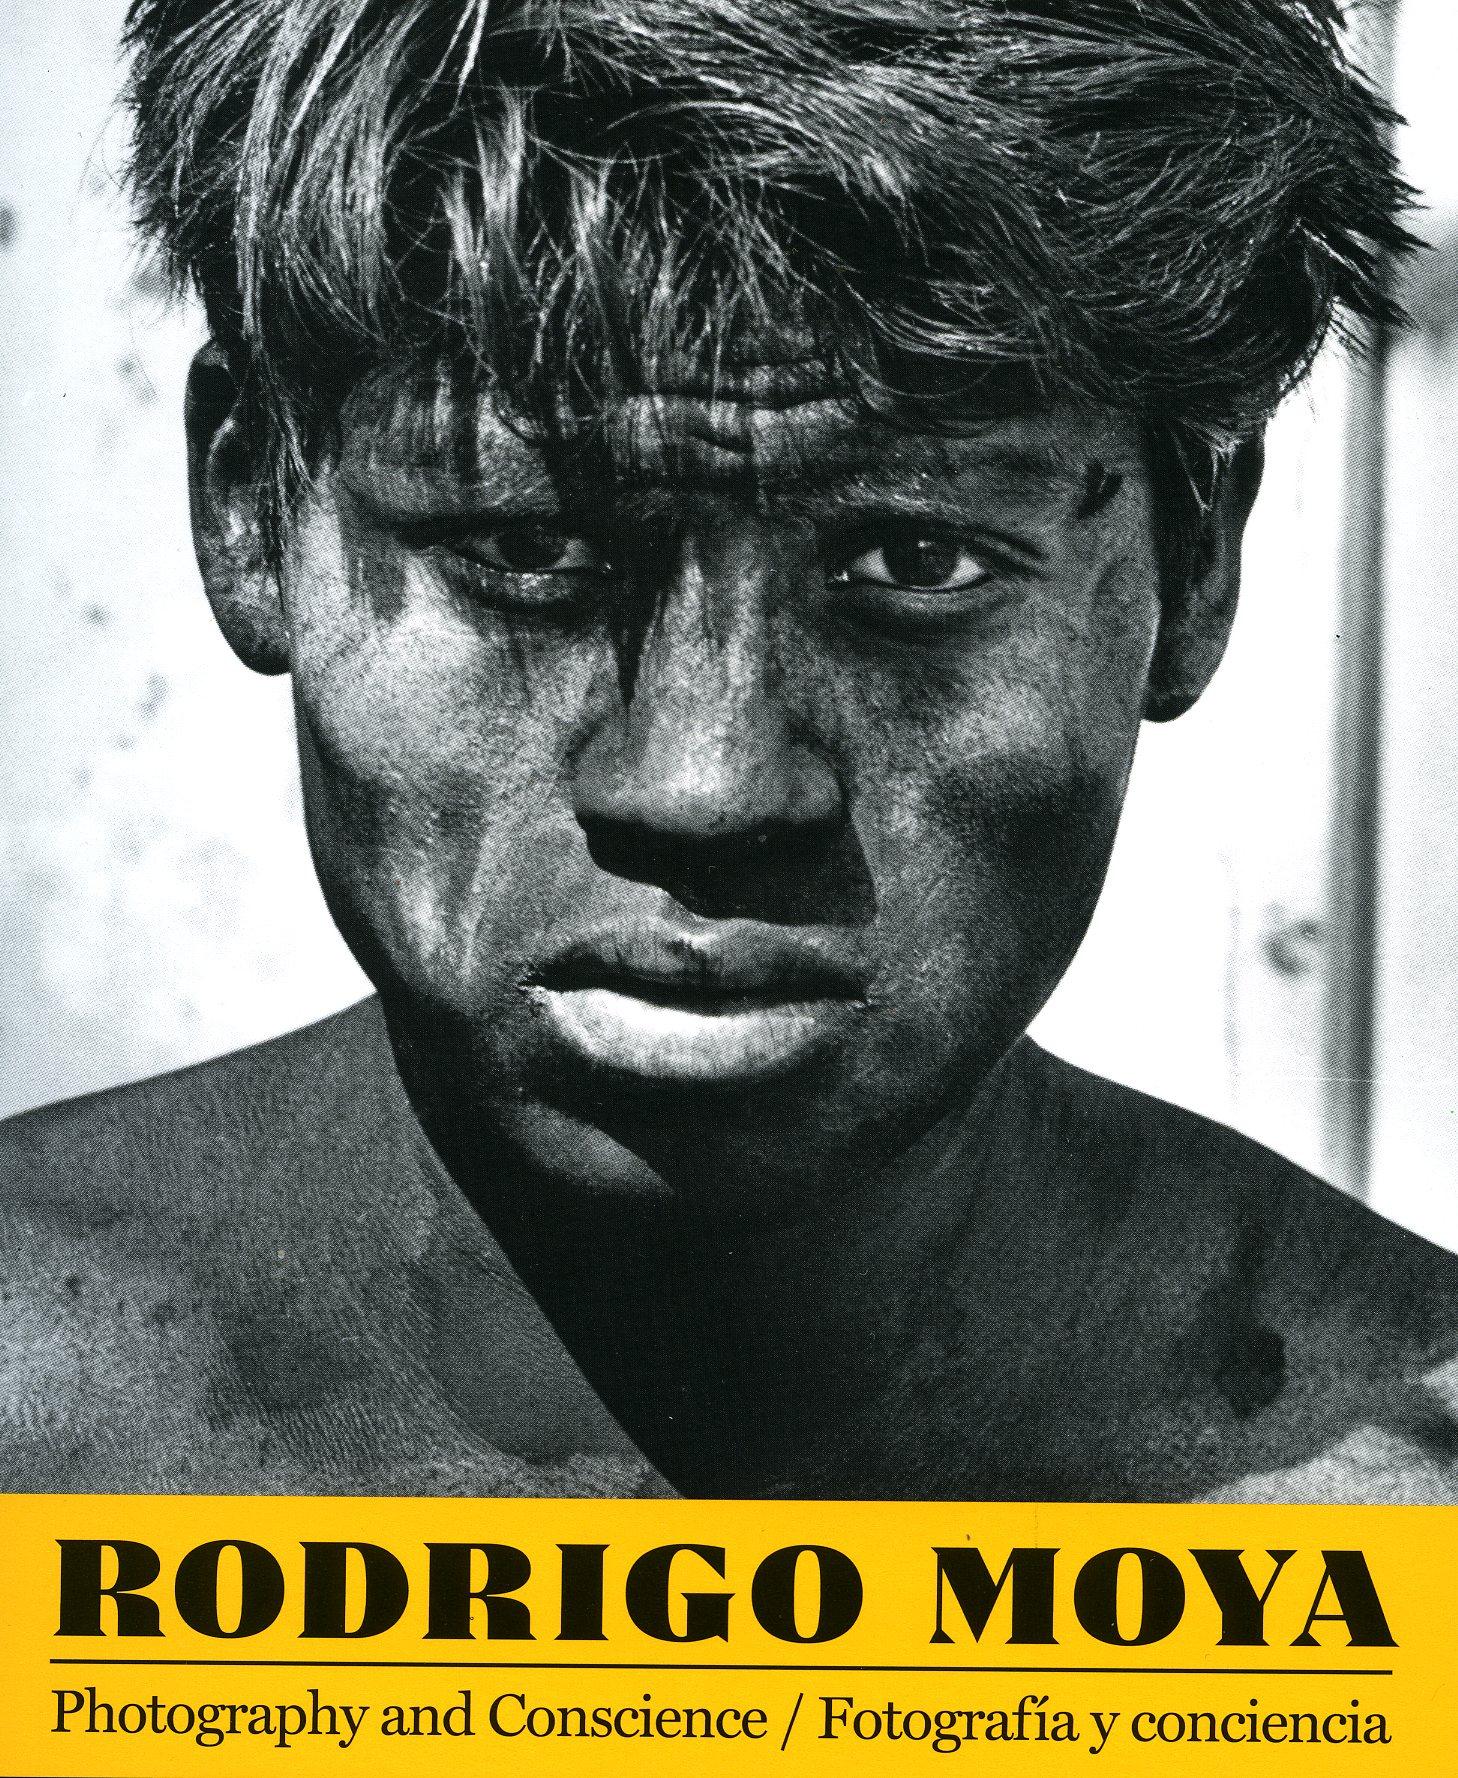 46-Rodrigo Moya001